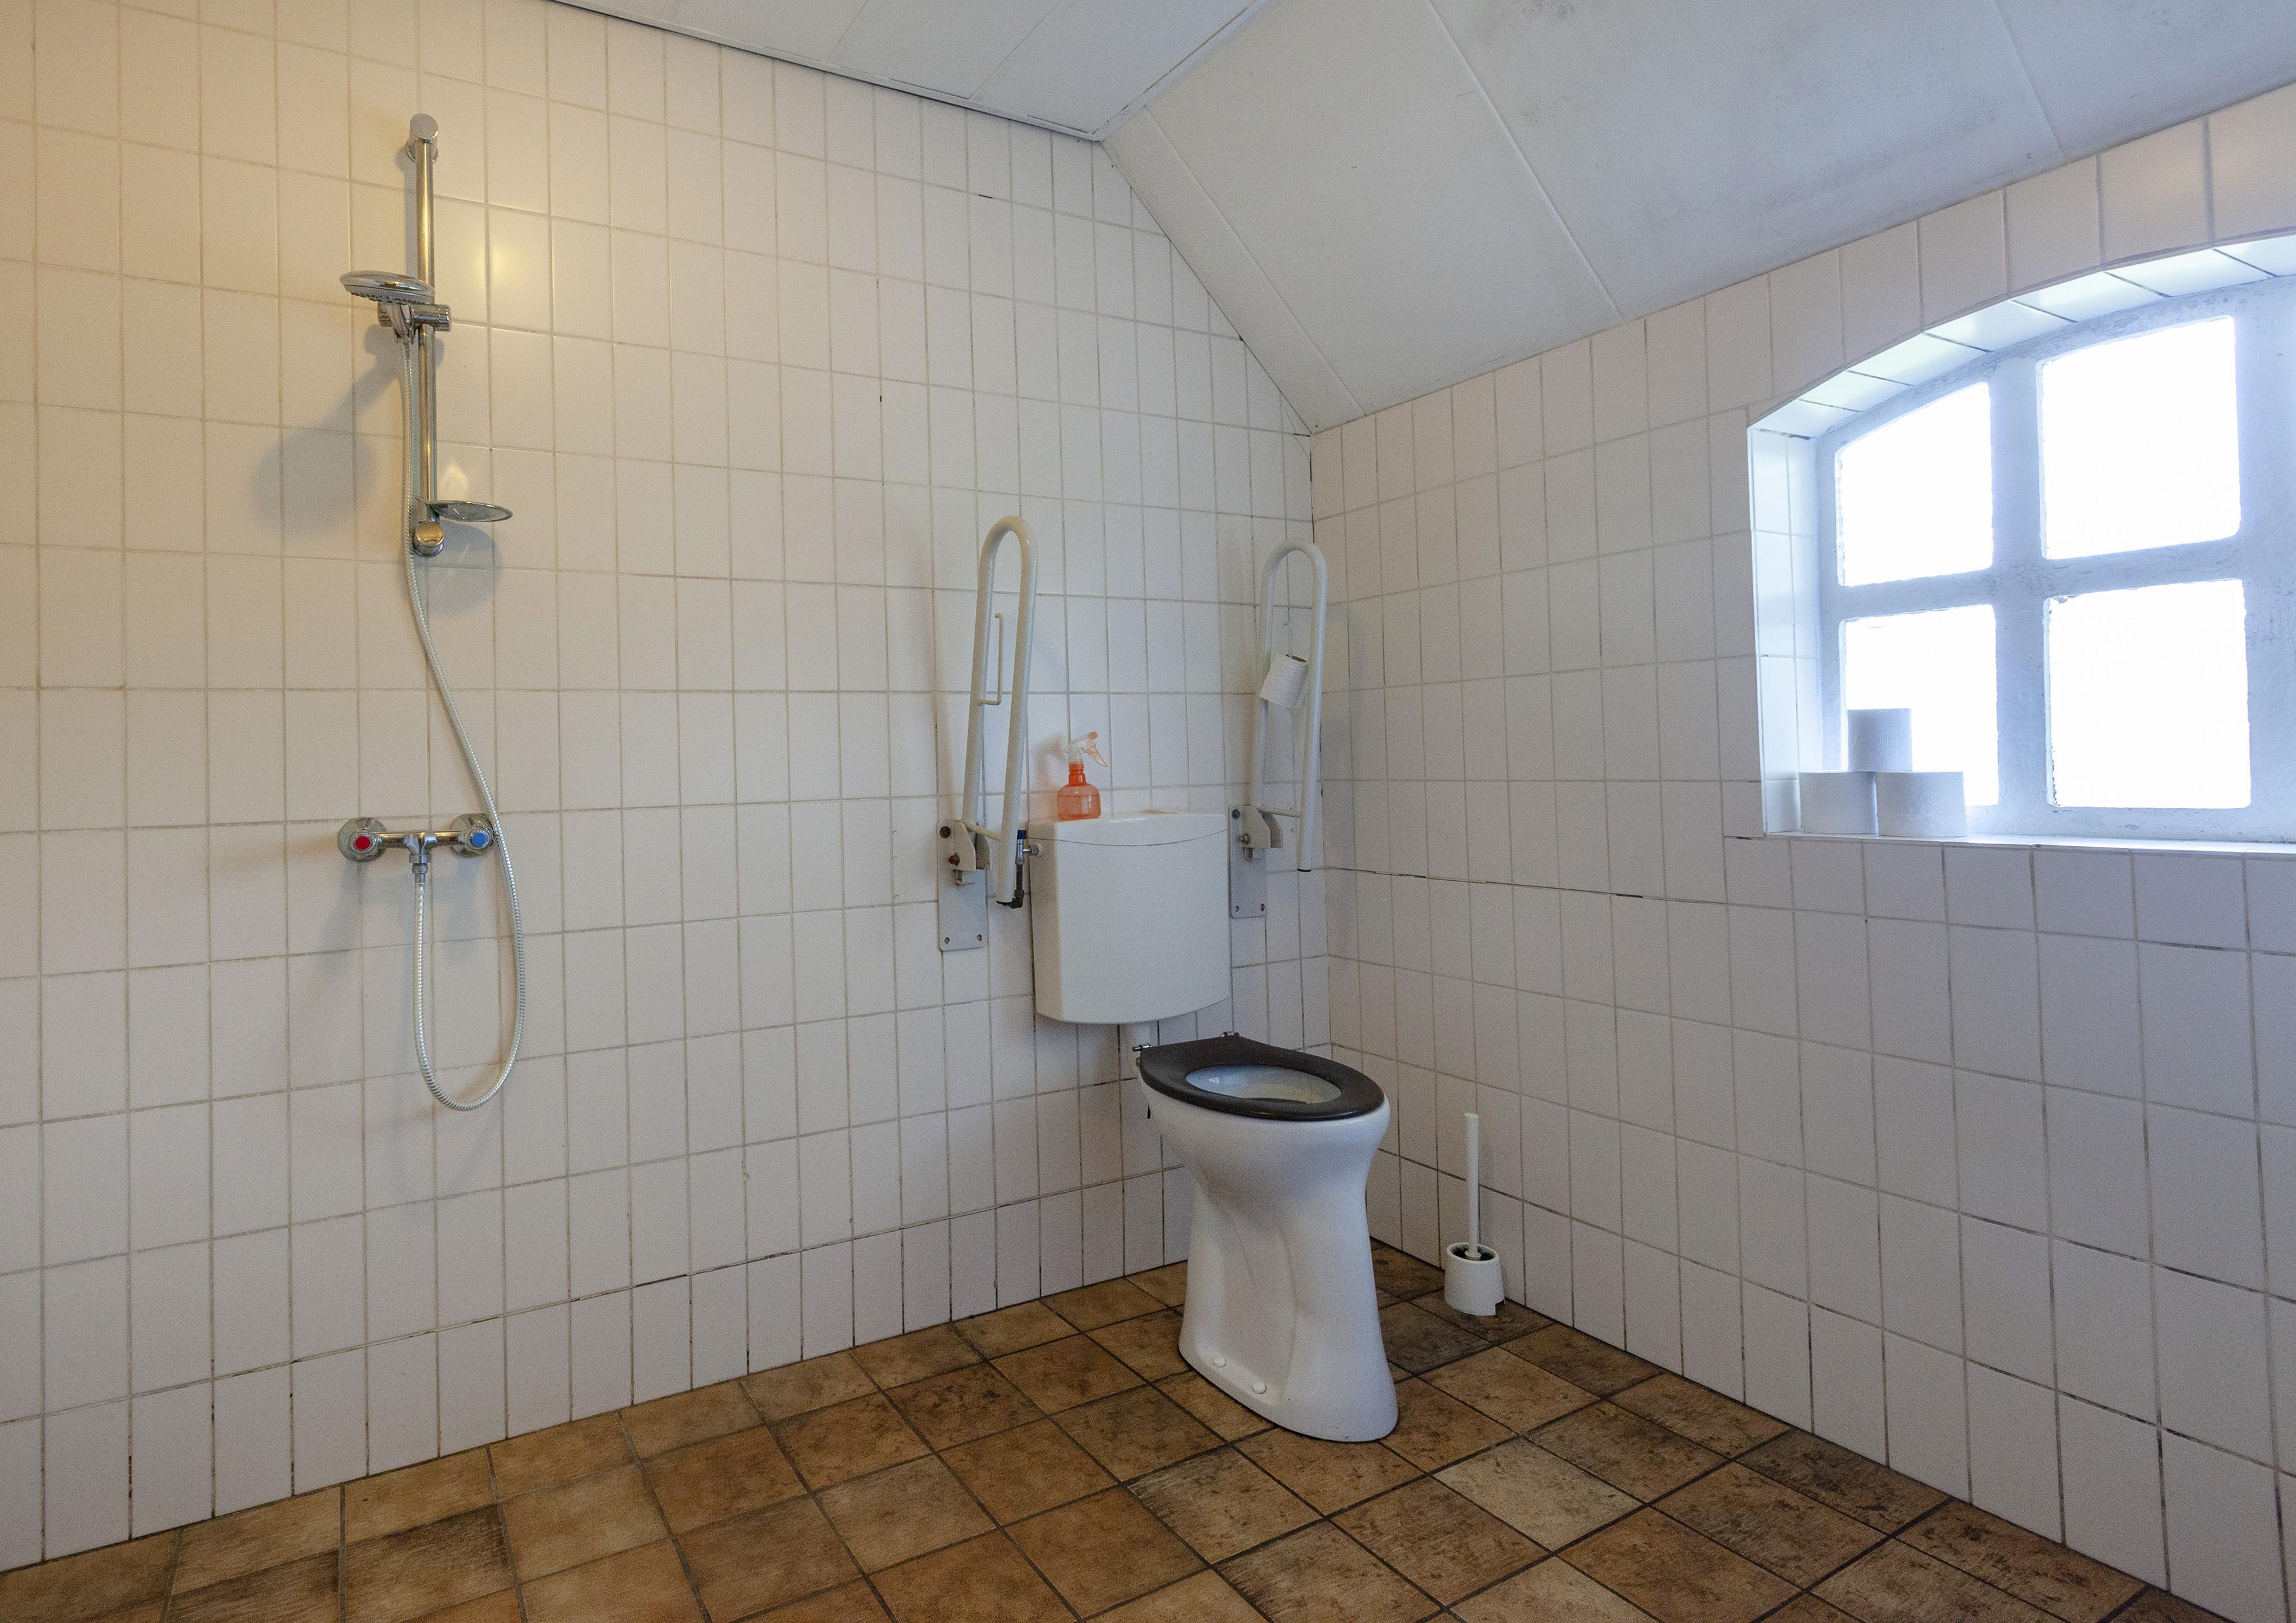 23 integraal toegankelijk toilet